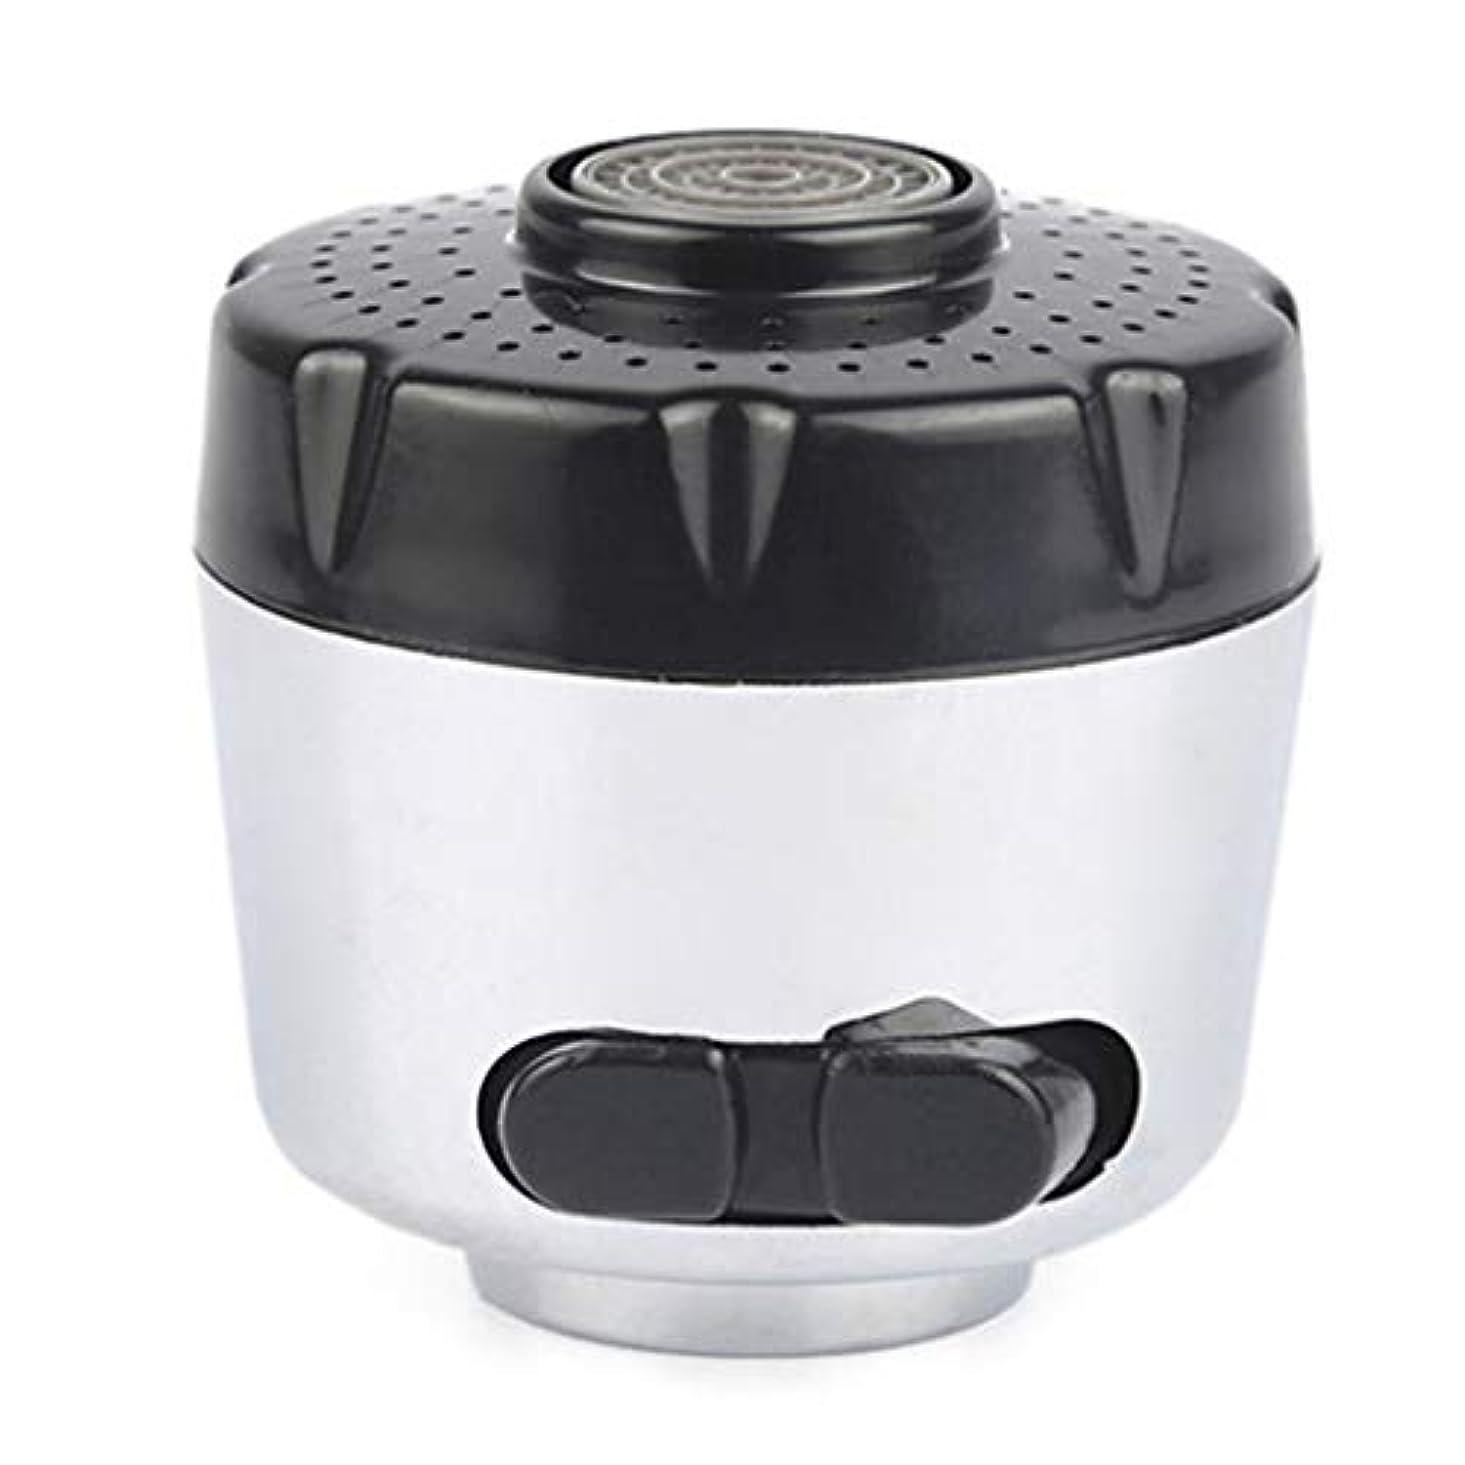 有罪気づくあなたはToporchid 蛇口ノズルエアレーター洗浄ポンプ噴霧器節水蛇口フィルターヘッド360度調整可能な蛇口ノズル(style1)